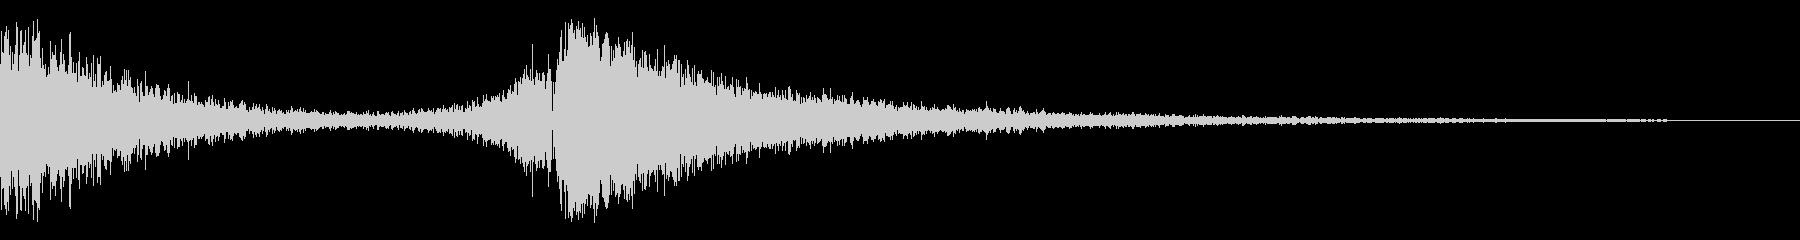 エクスプロージョン1エクスプロージ...の未再生の波形